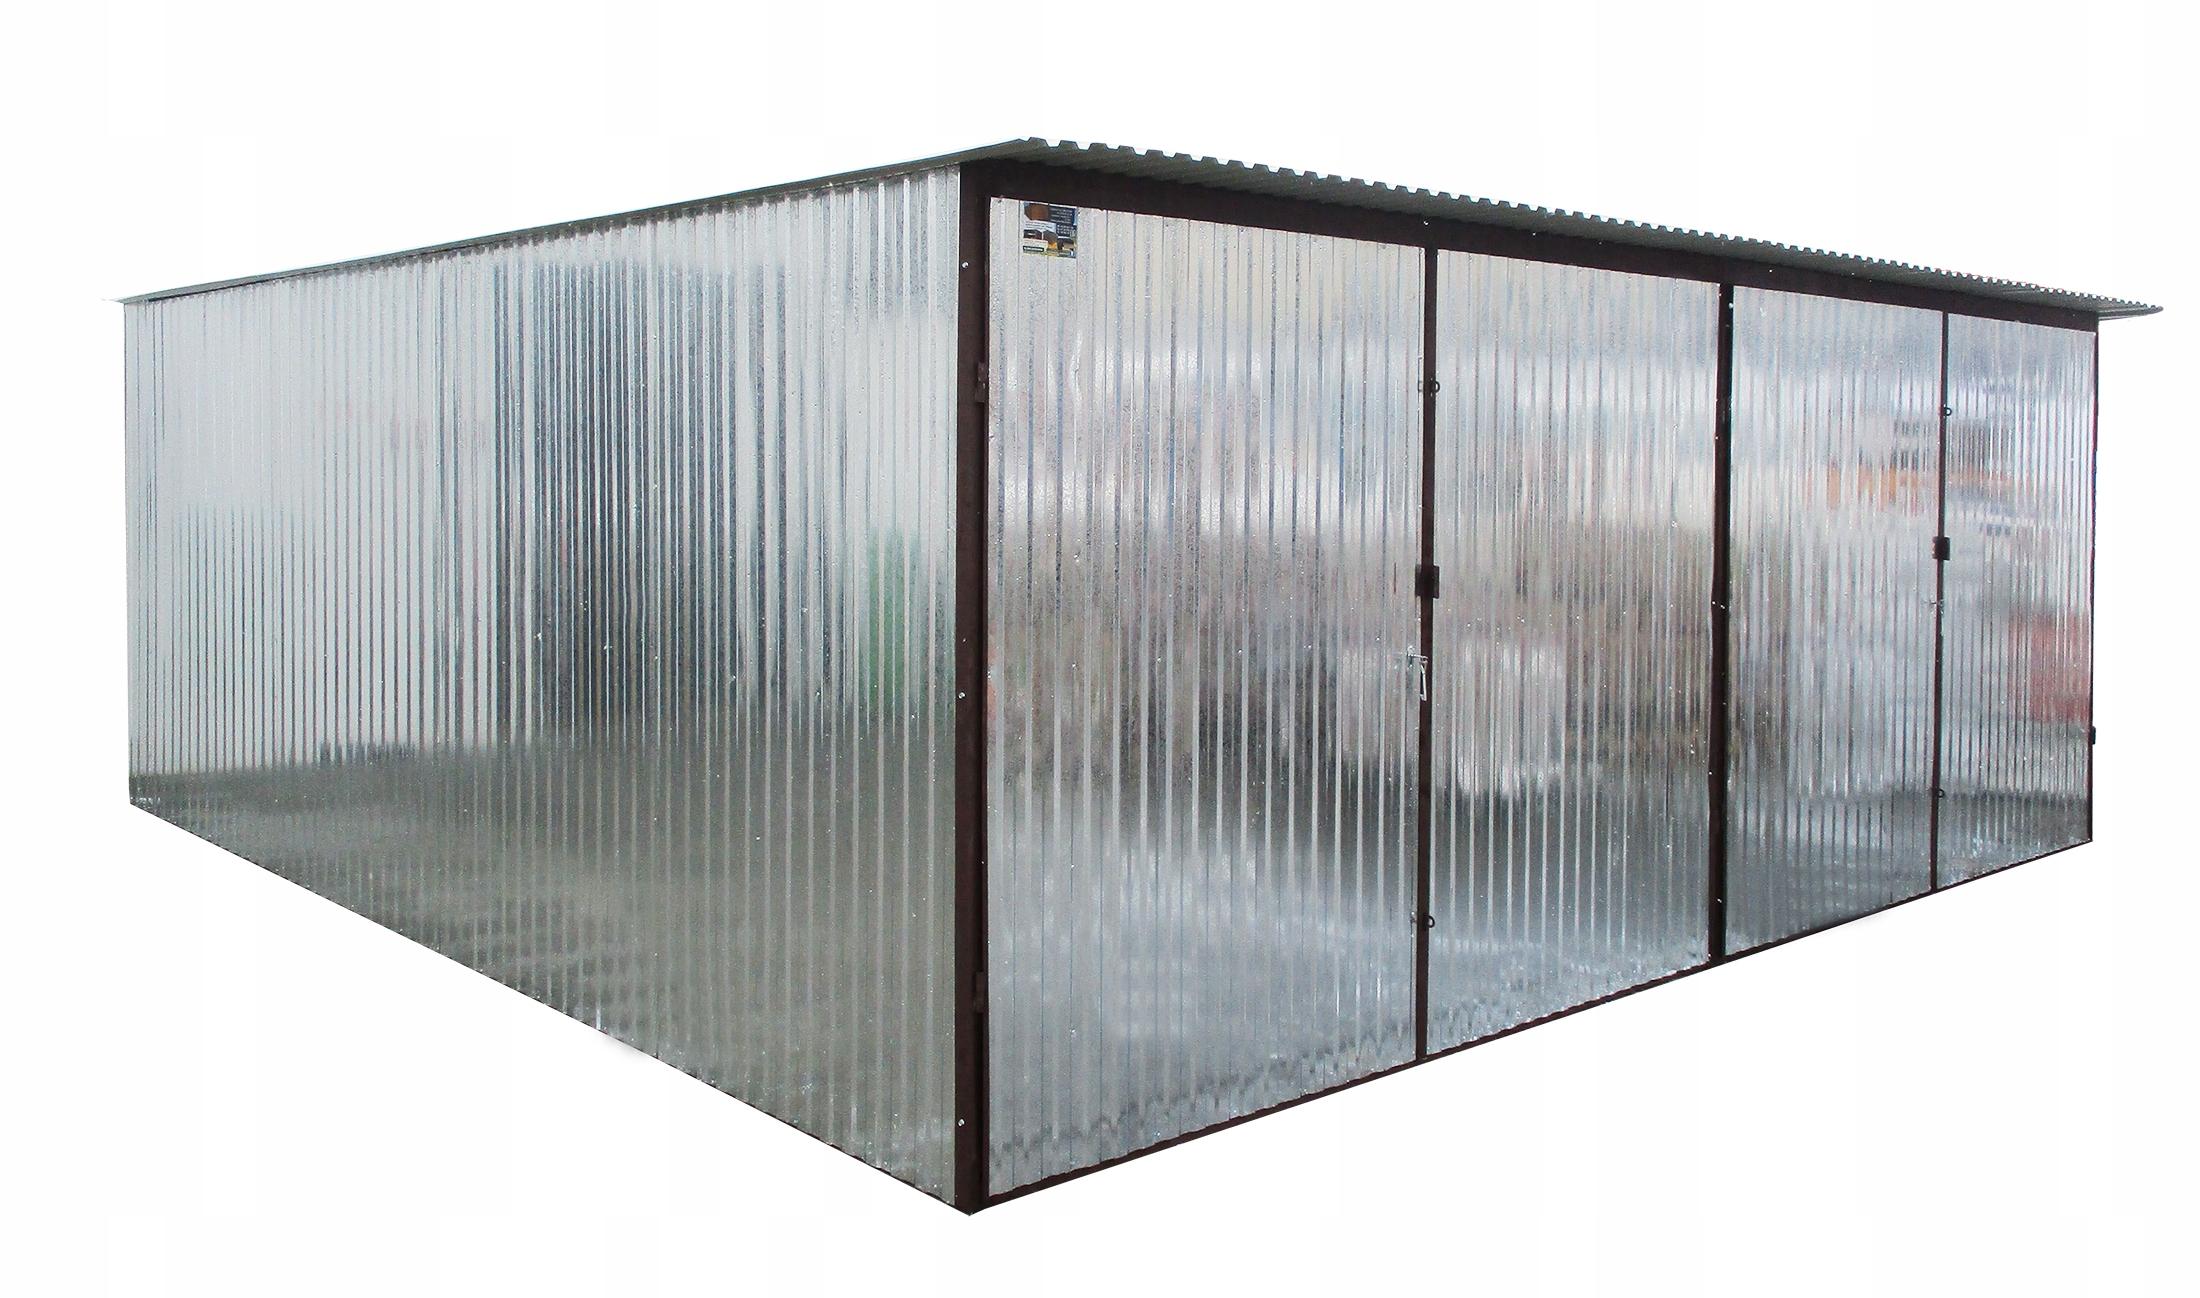 Металлические Гаражи 6х5 Металлические Гаражи Двойная оцинкованная сталь